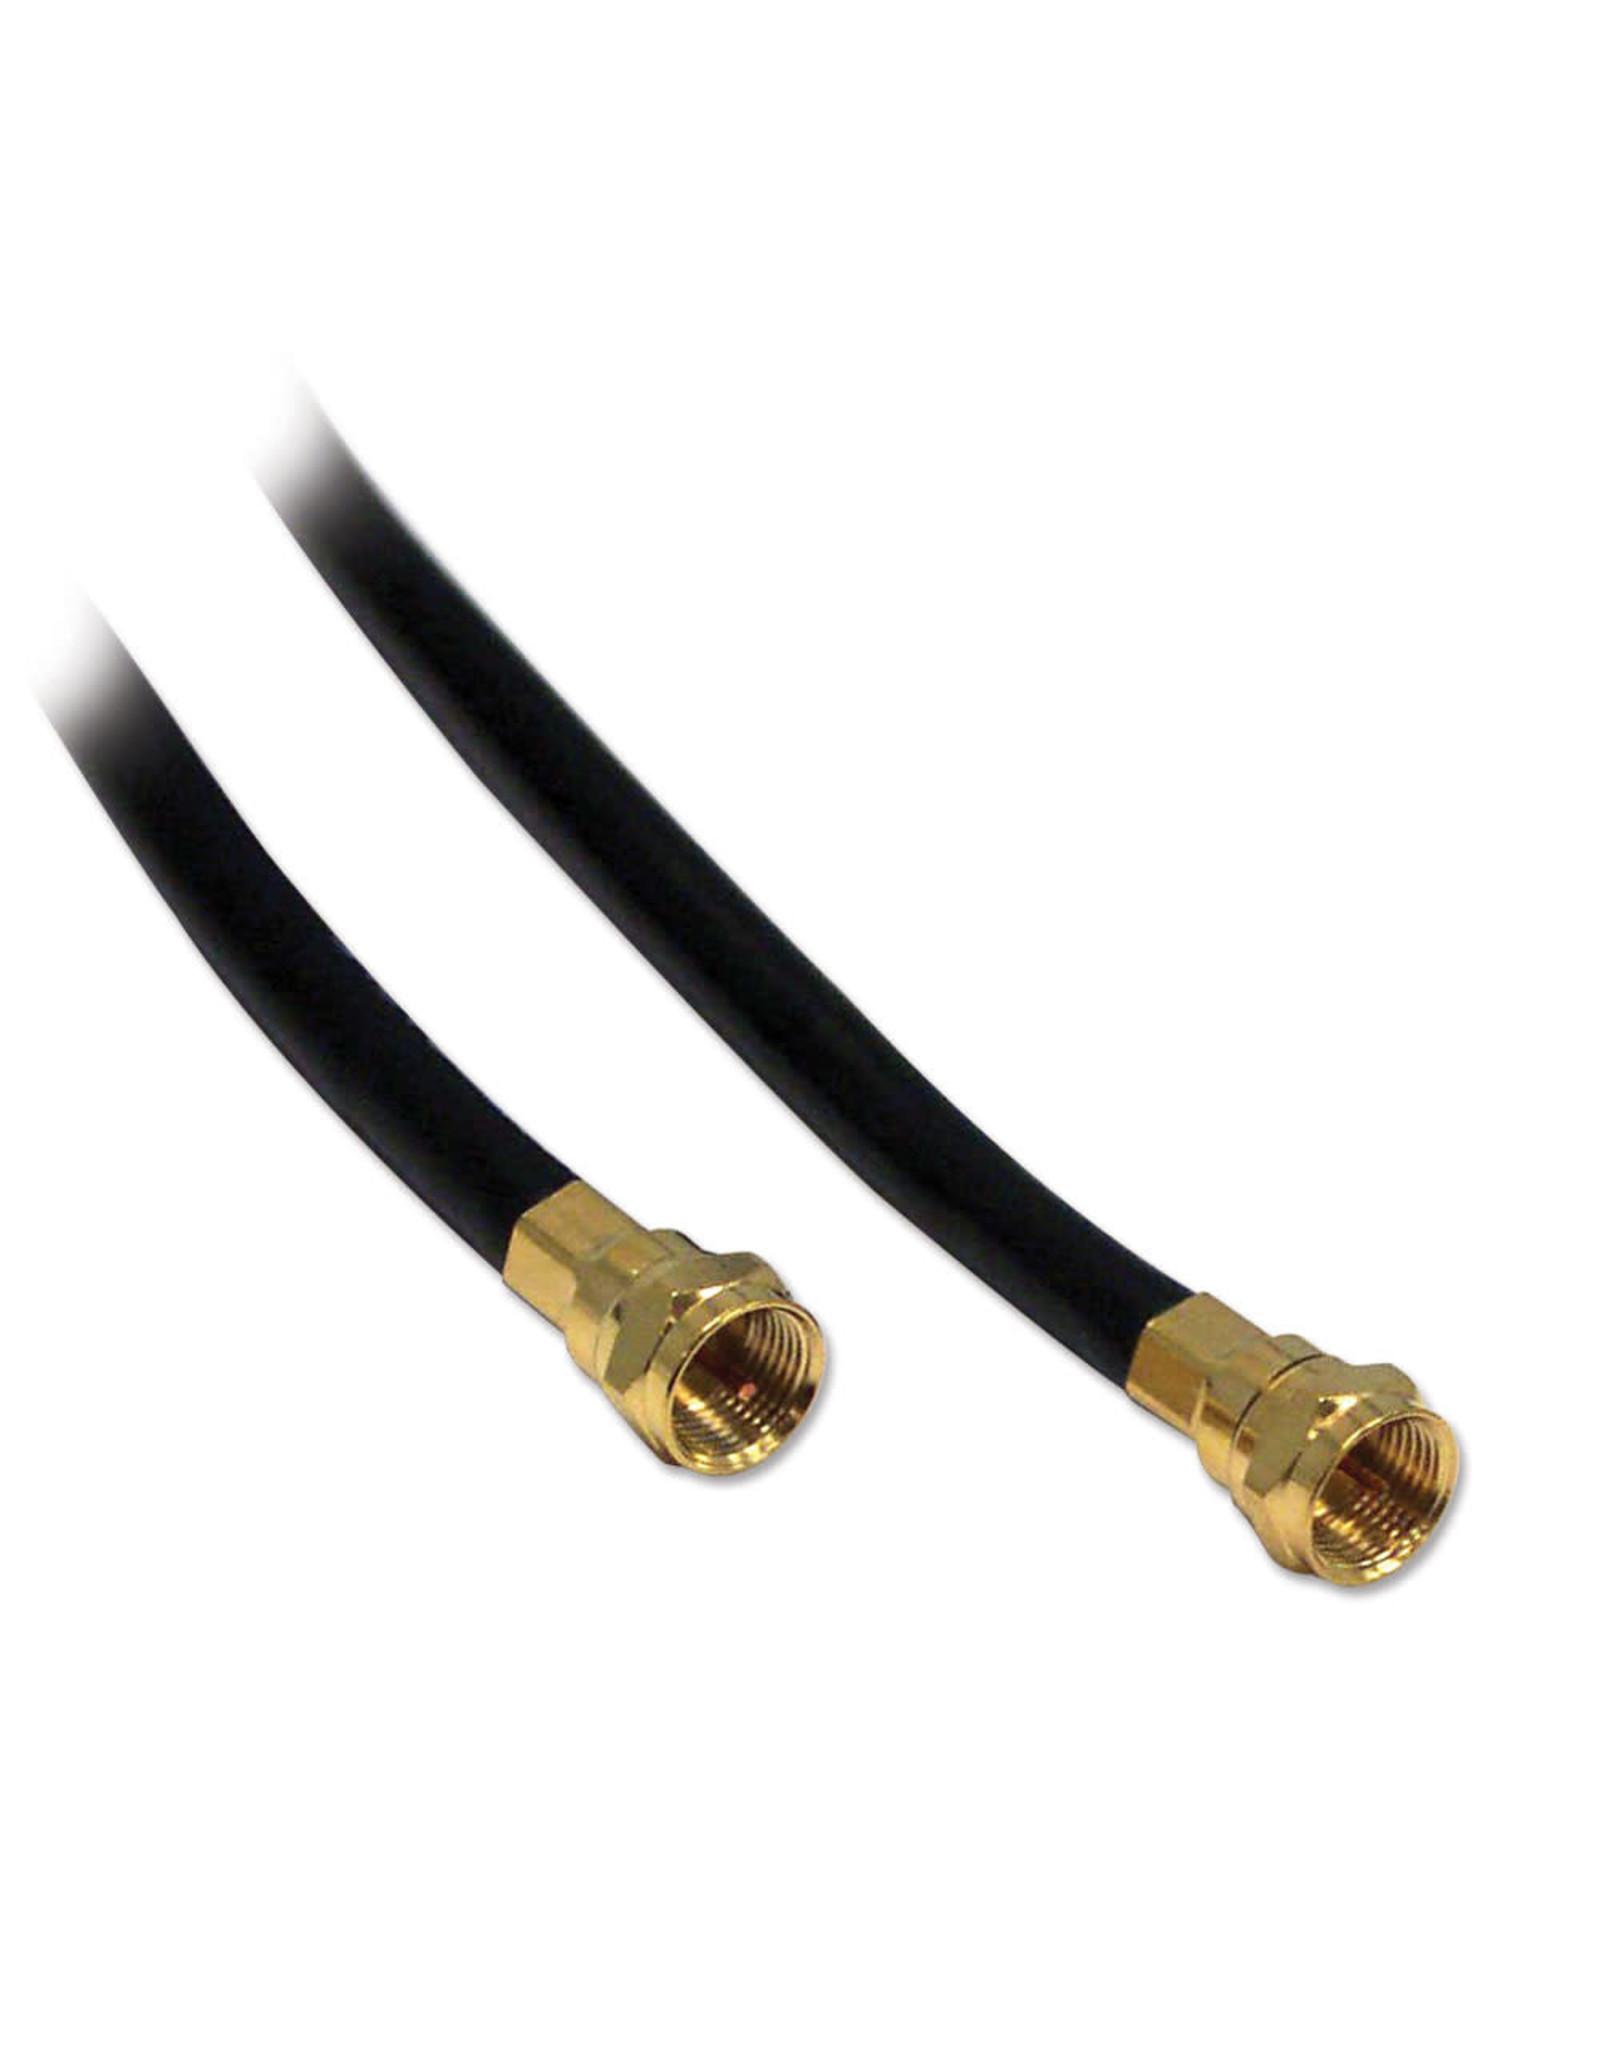 BlueDiamond BlueDiamond RG6 Cable - 15ft